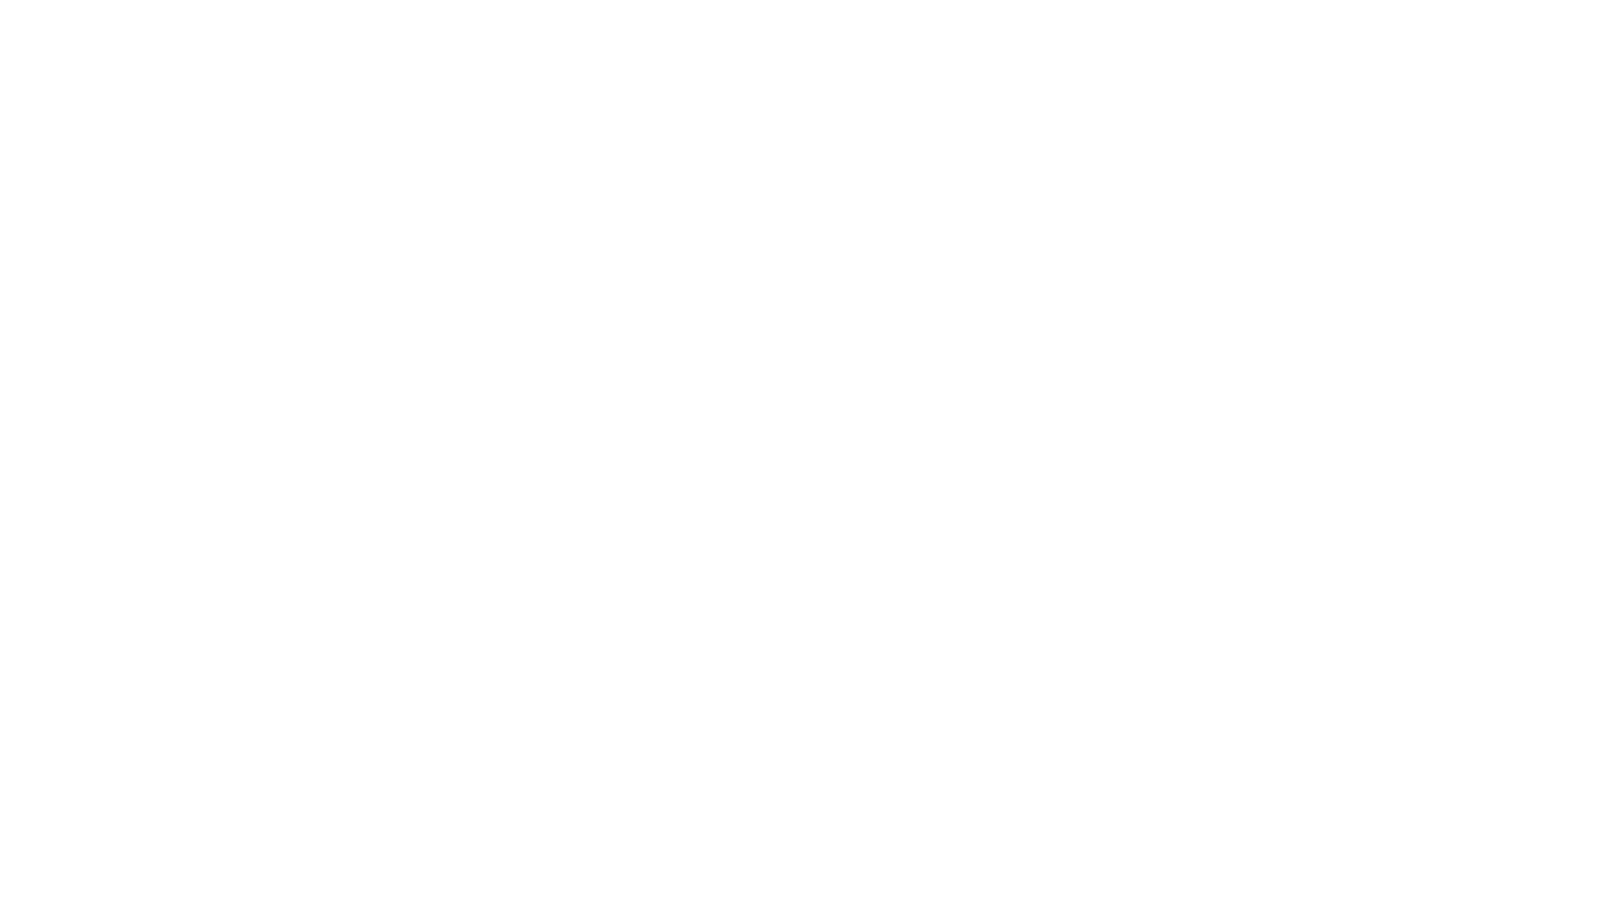 Vediamo insieme come montare la dashcam di @Sardegnacoding Potete ordinare la vostra o semplicemente vederne le caratteristiche al seguente link: https://www.facebook.com/sardegnacoding   https://www.ebay.it/itm/184661027352